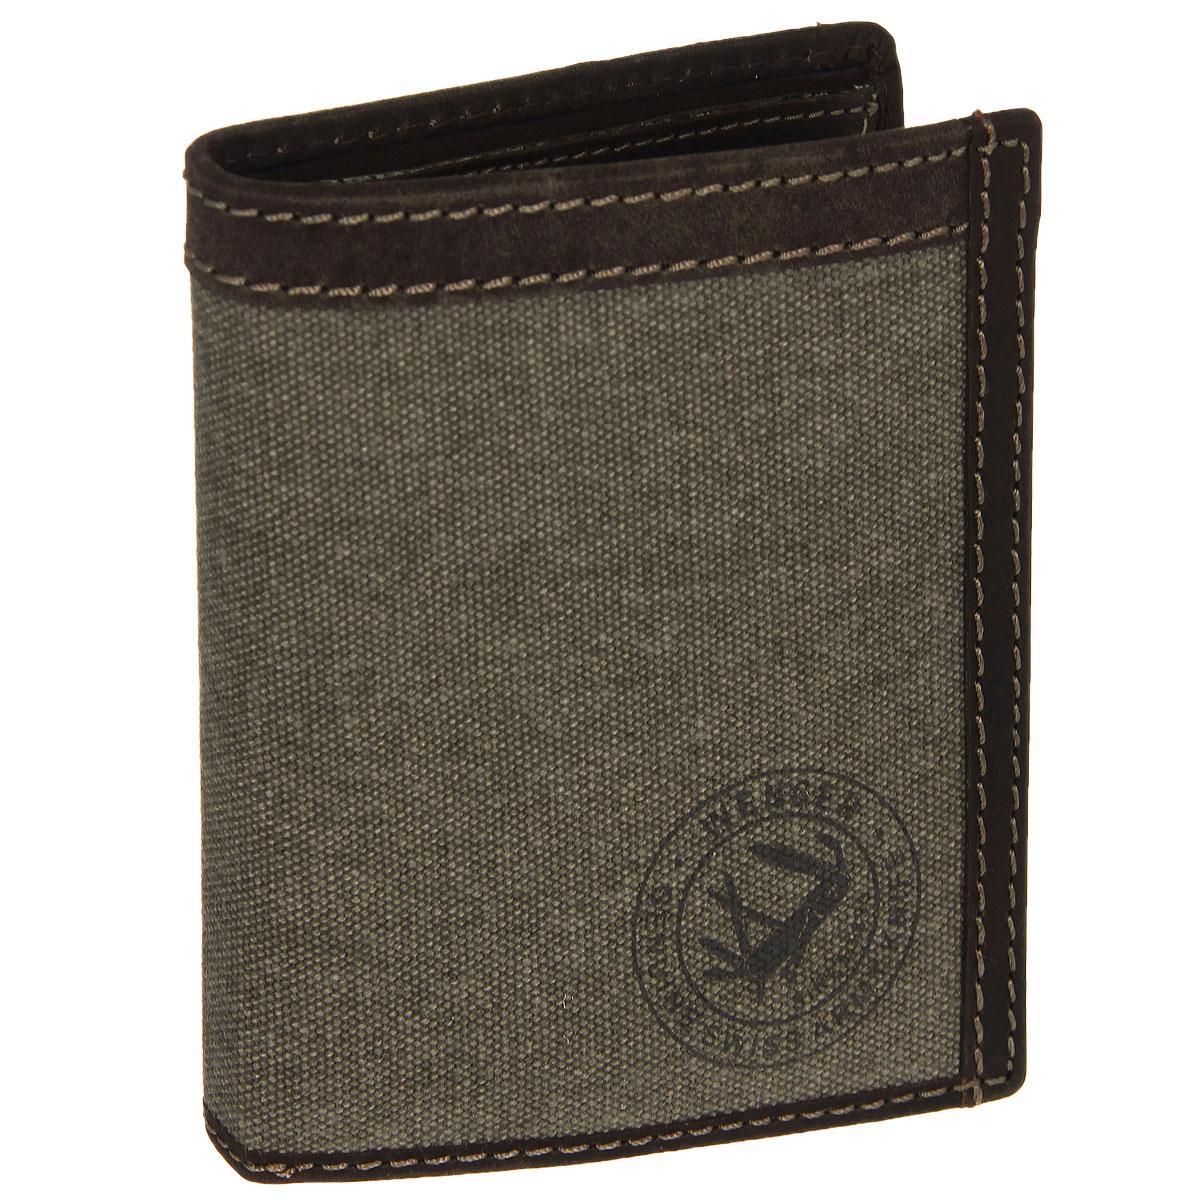 Портмоне мужское Wenger, цвет: коричневый. W19-042-037-009Трендовое мужское портмоне Wenger изготовлено из натуральной кожи и текстиля и оформлено светлой прострочкой, а также логотипом бренда на лицевой стороне. Внутри - два отделения для купюр, отсек для мелочи на застежке-кнопке, три боковых кармана и пять прорезей для визиток и кредитных карт. Откидной блок дополнен шестью прорезями и карманом с окошком из прозрачного пластика. Внутренняя поверхность отделана твилом с узором гусиная лапка.Портмоне упаковано в фирменную коробку.Модное портмоне Wenger займет достойное место среди вашей коллекции аксессуаров.По всем вопросам гарантийного и постгарантийного обслуживания рюкзаков, чемоданов, спортивных и кожаных сумок, а также портмоне марок Wenger и SwissGear вы можете обратиться в сервис-центр, расположенный по адресу: г. Москва, Саввинская набережная, д.3. Тел: (495) 788-39-96, (499) 248-56-56, ежедневно с 9:00 до 21:00. Подробные условия гарантийного обслуживания приведены в гарантийном талоне, поставляемым в комплекте с каждым изделием. Бесплатный ремонт изделий производится при условии предоставления гарантийного талона и товарного/кассового чека, подтверждающего дату покупки.